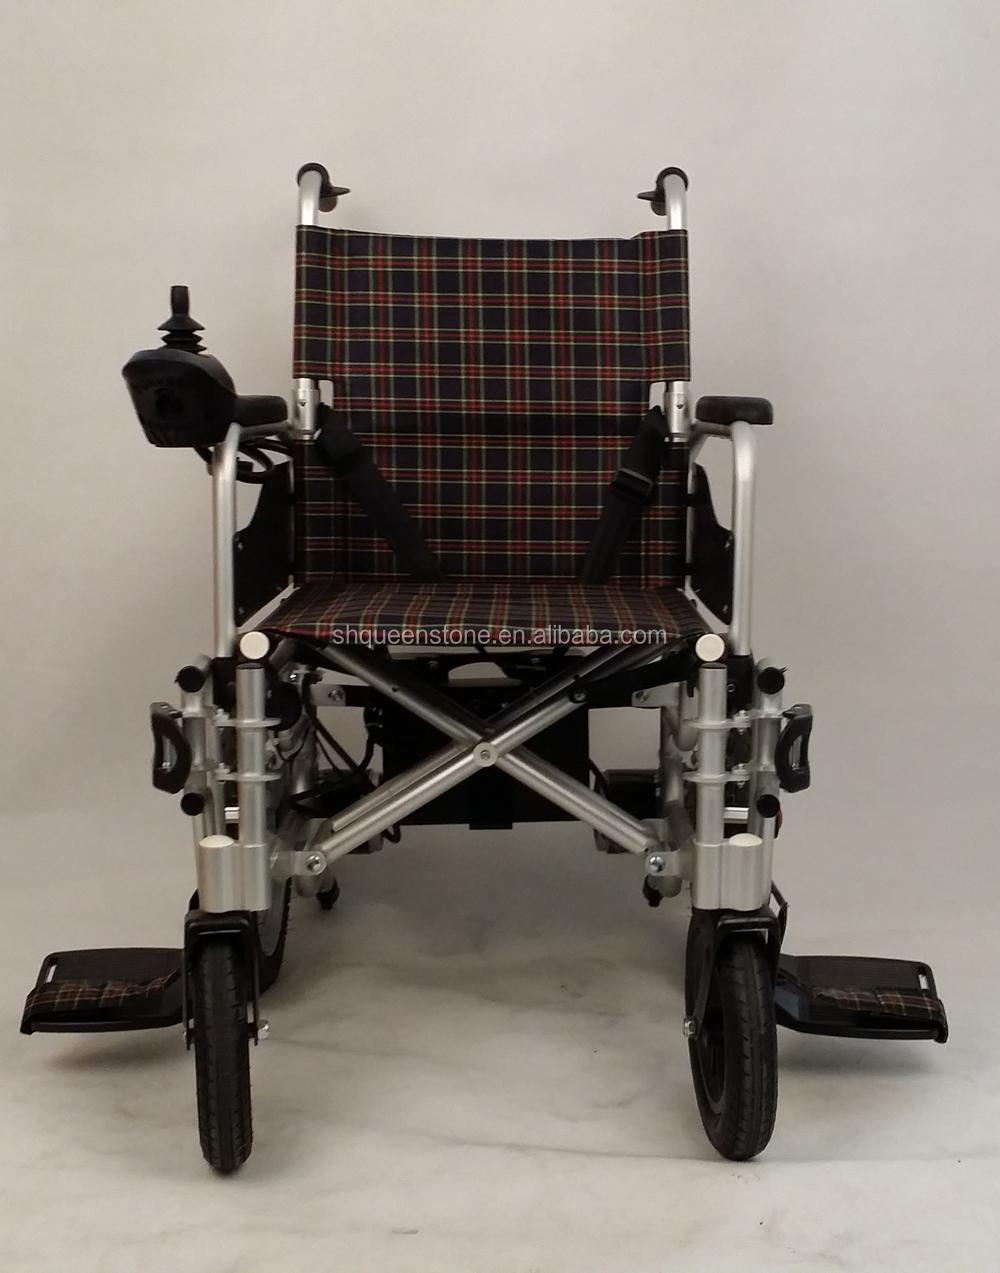 physique quipements de plein air lectrique fauteuil roulant moteur motoris puissance chaise. Black Bedroom Furniture Sets. Home Design Ideas